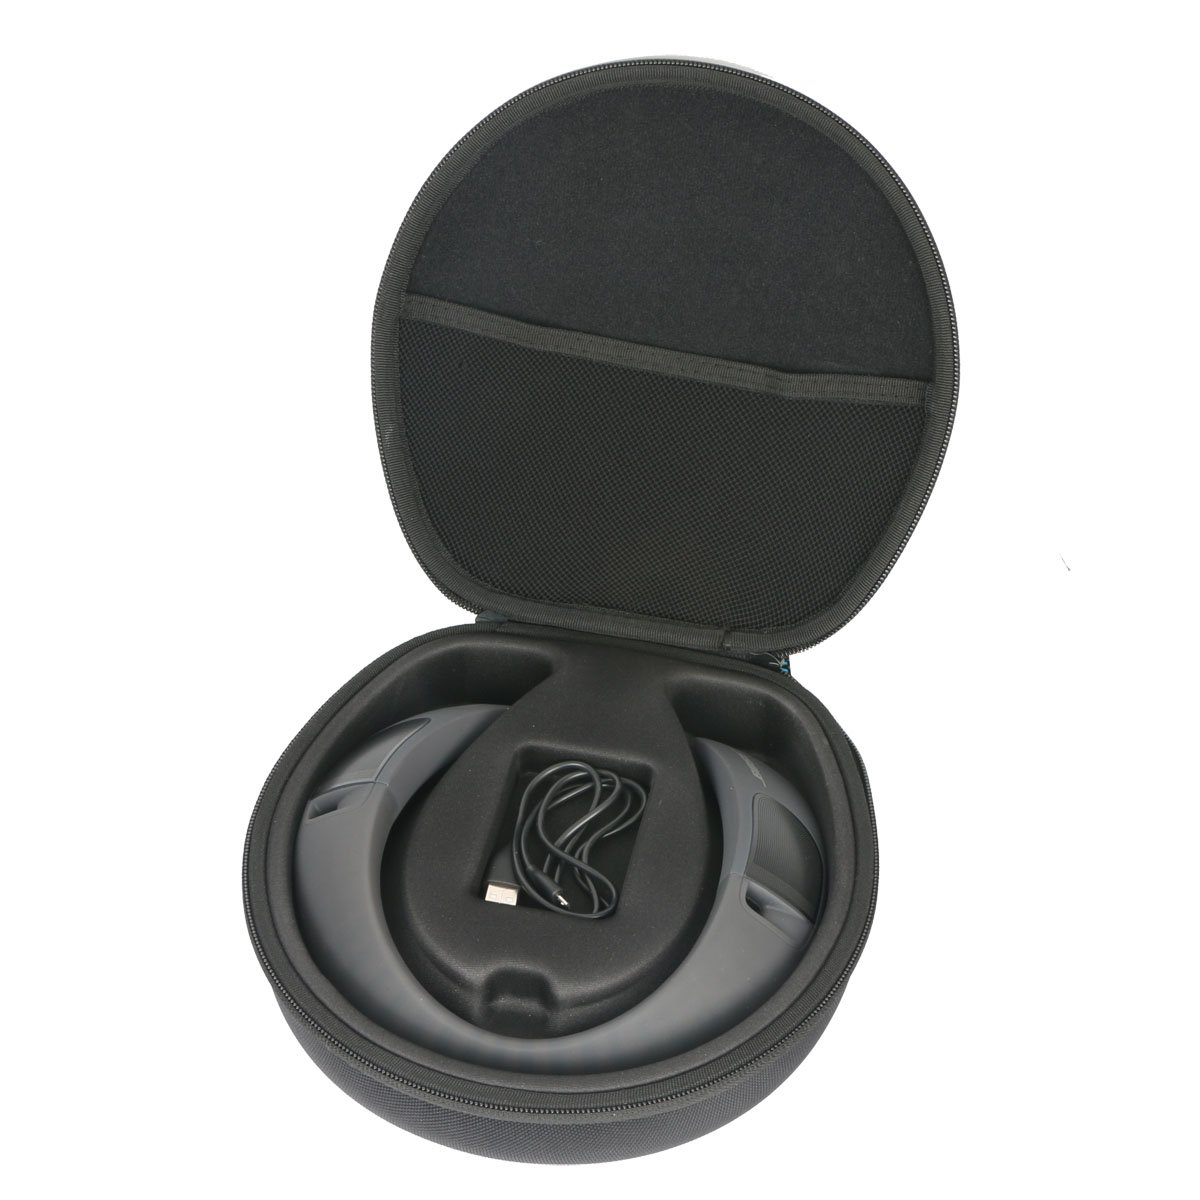 Khanka Hard Case for Bose Soundwear Companion Wireless Wearable Speaker